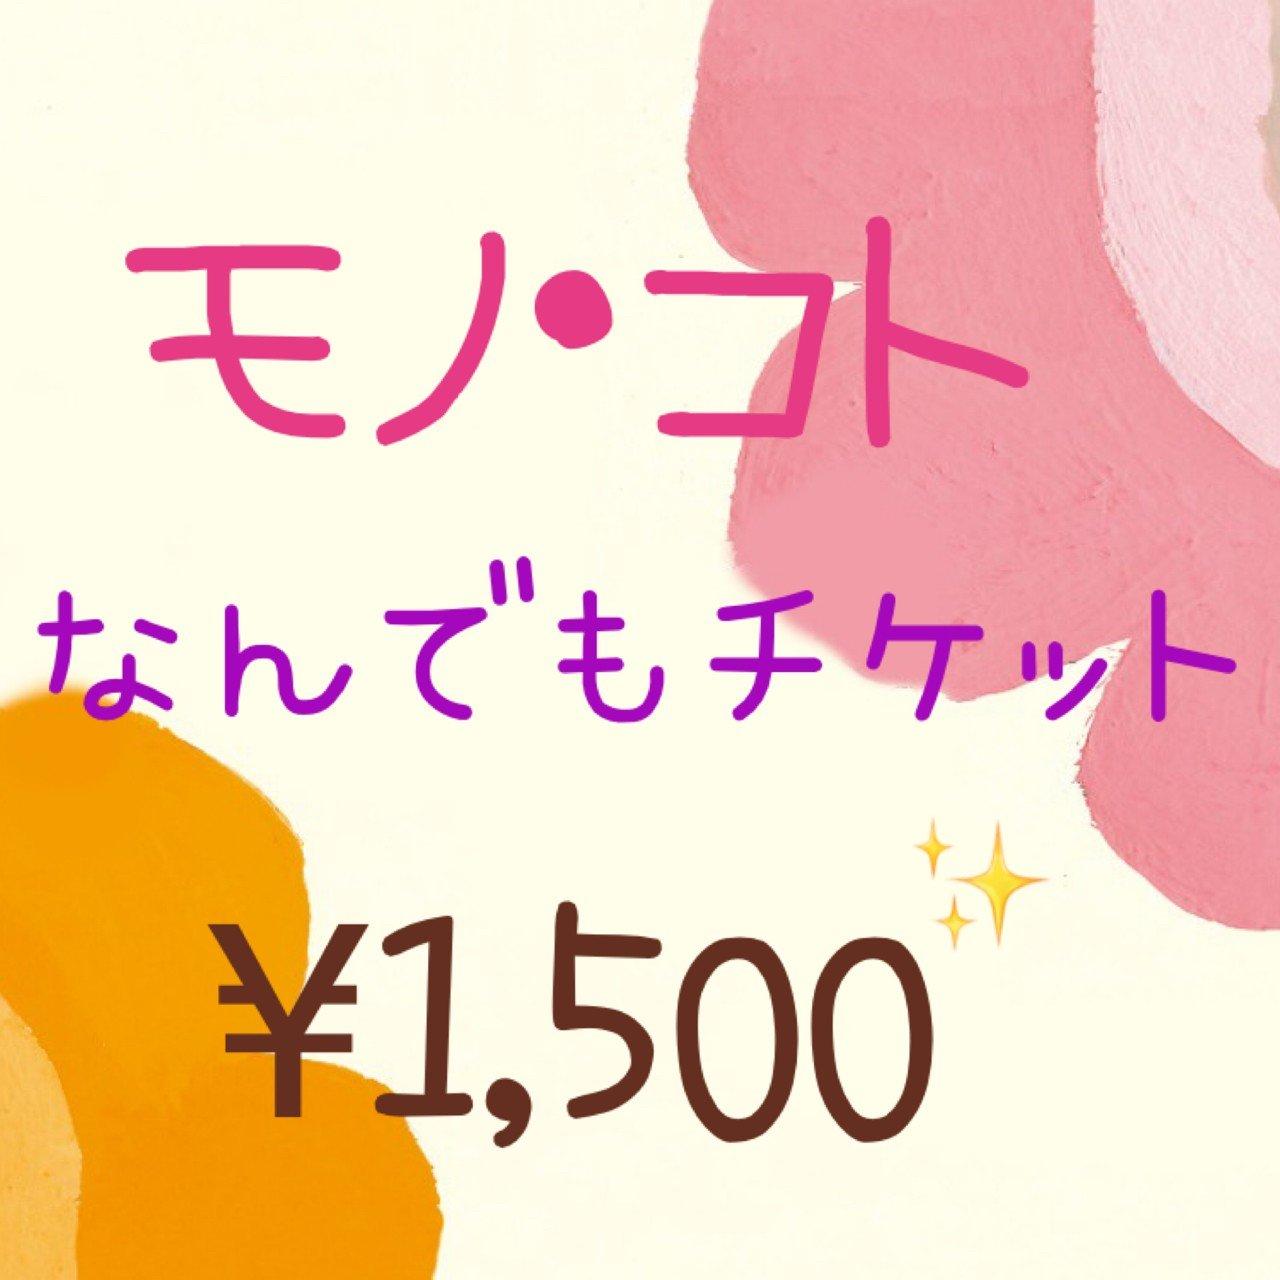 ¥1,500 チケット 花暖/hanadan♪のイメージその1